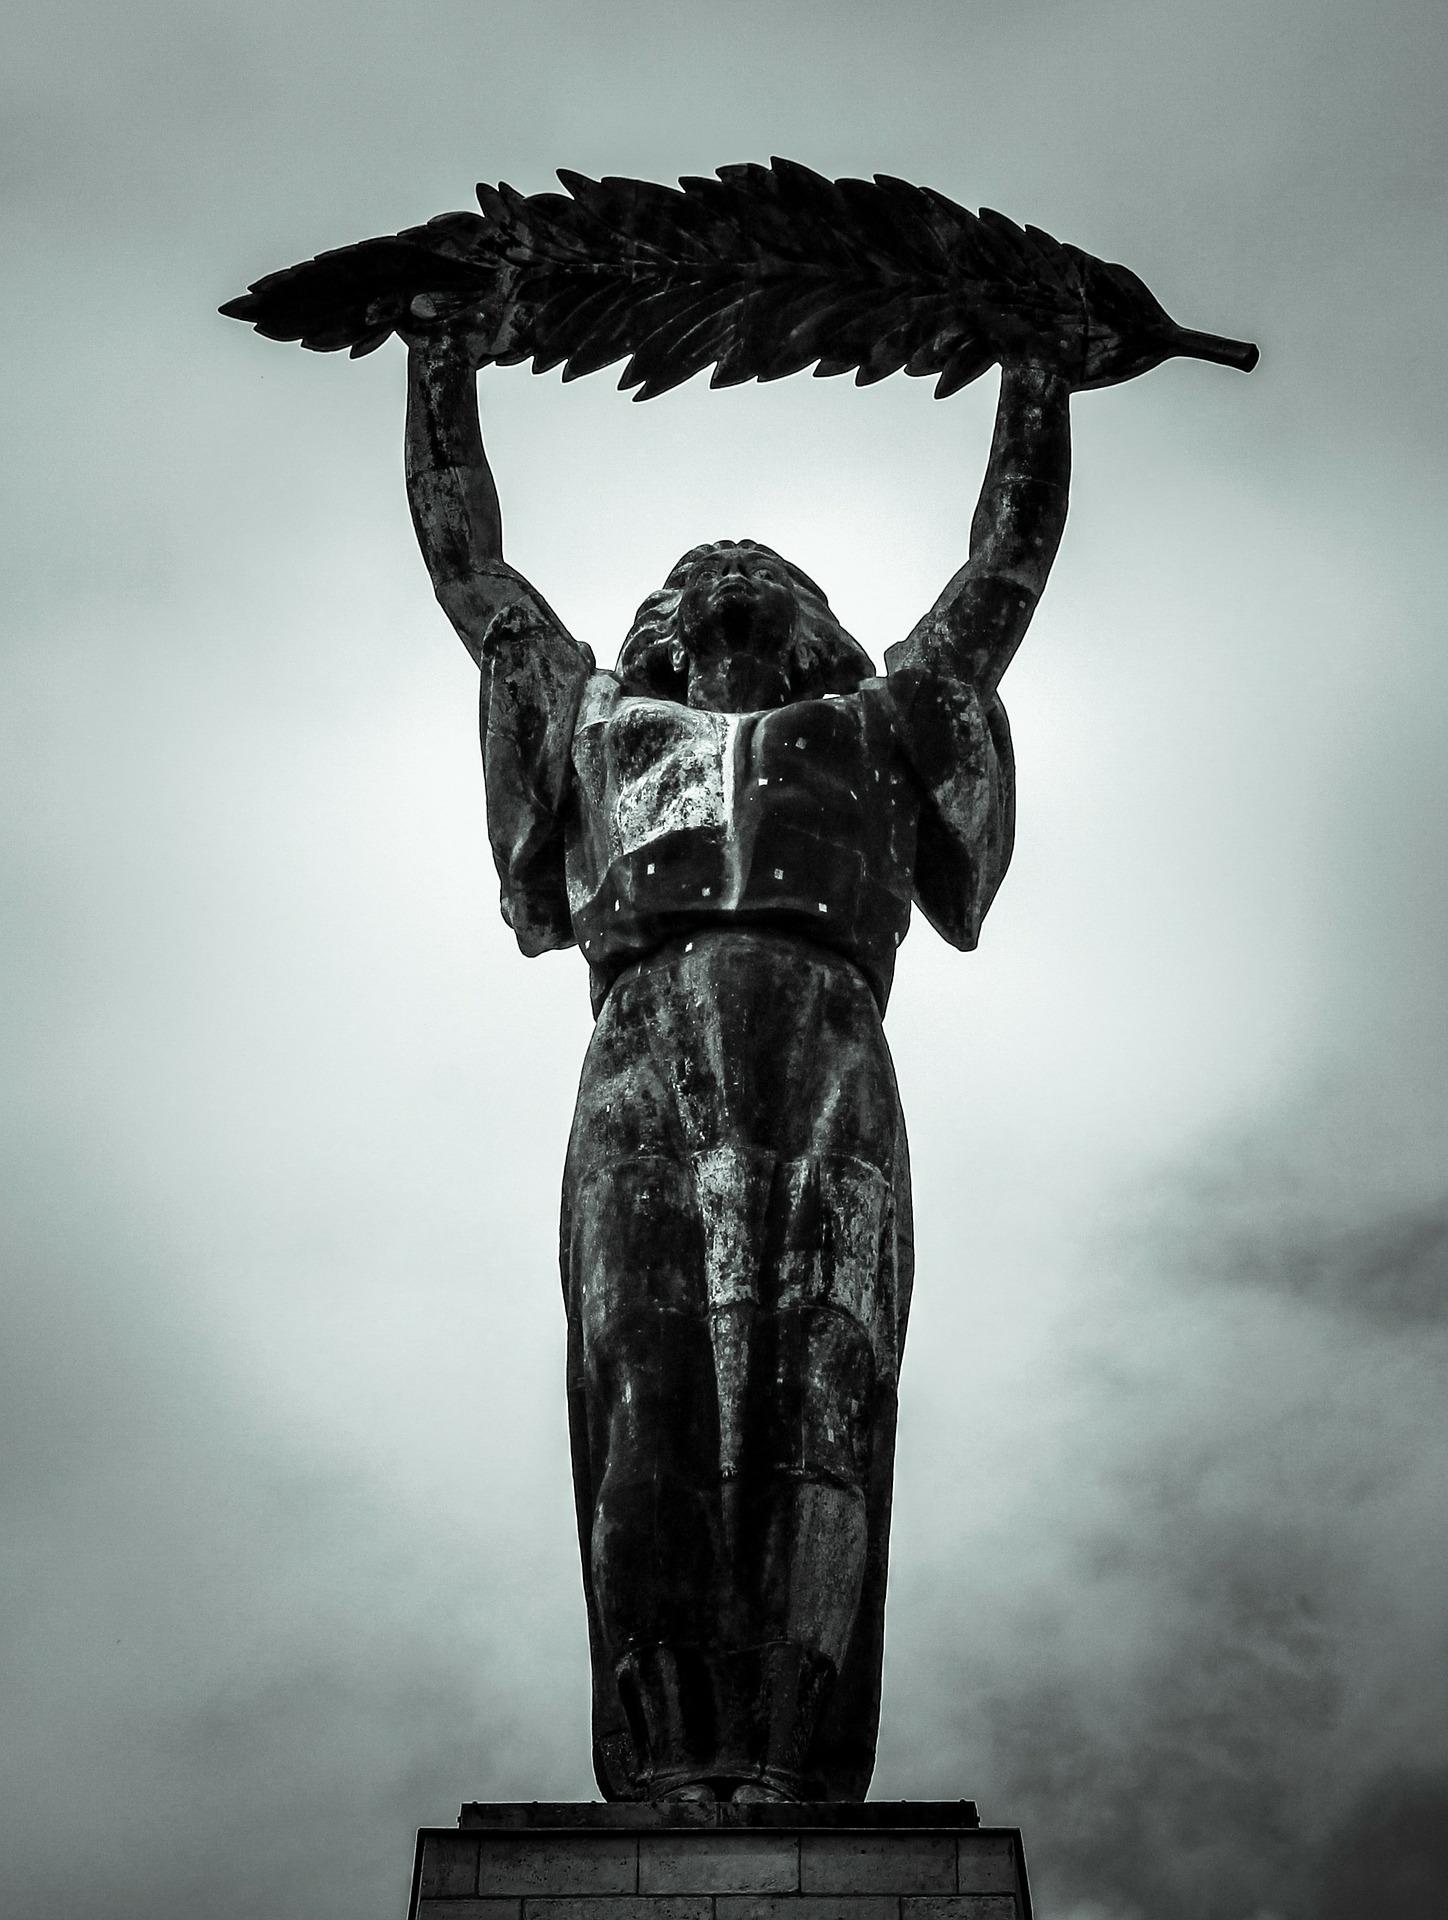 A Szabadság-szobor a Gellért-hegyen